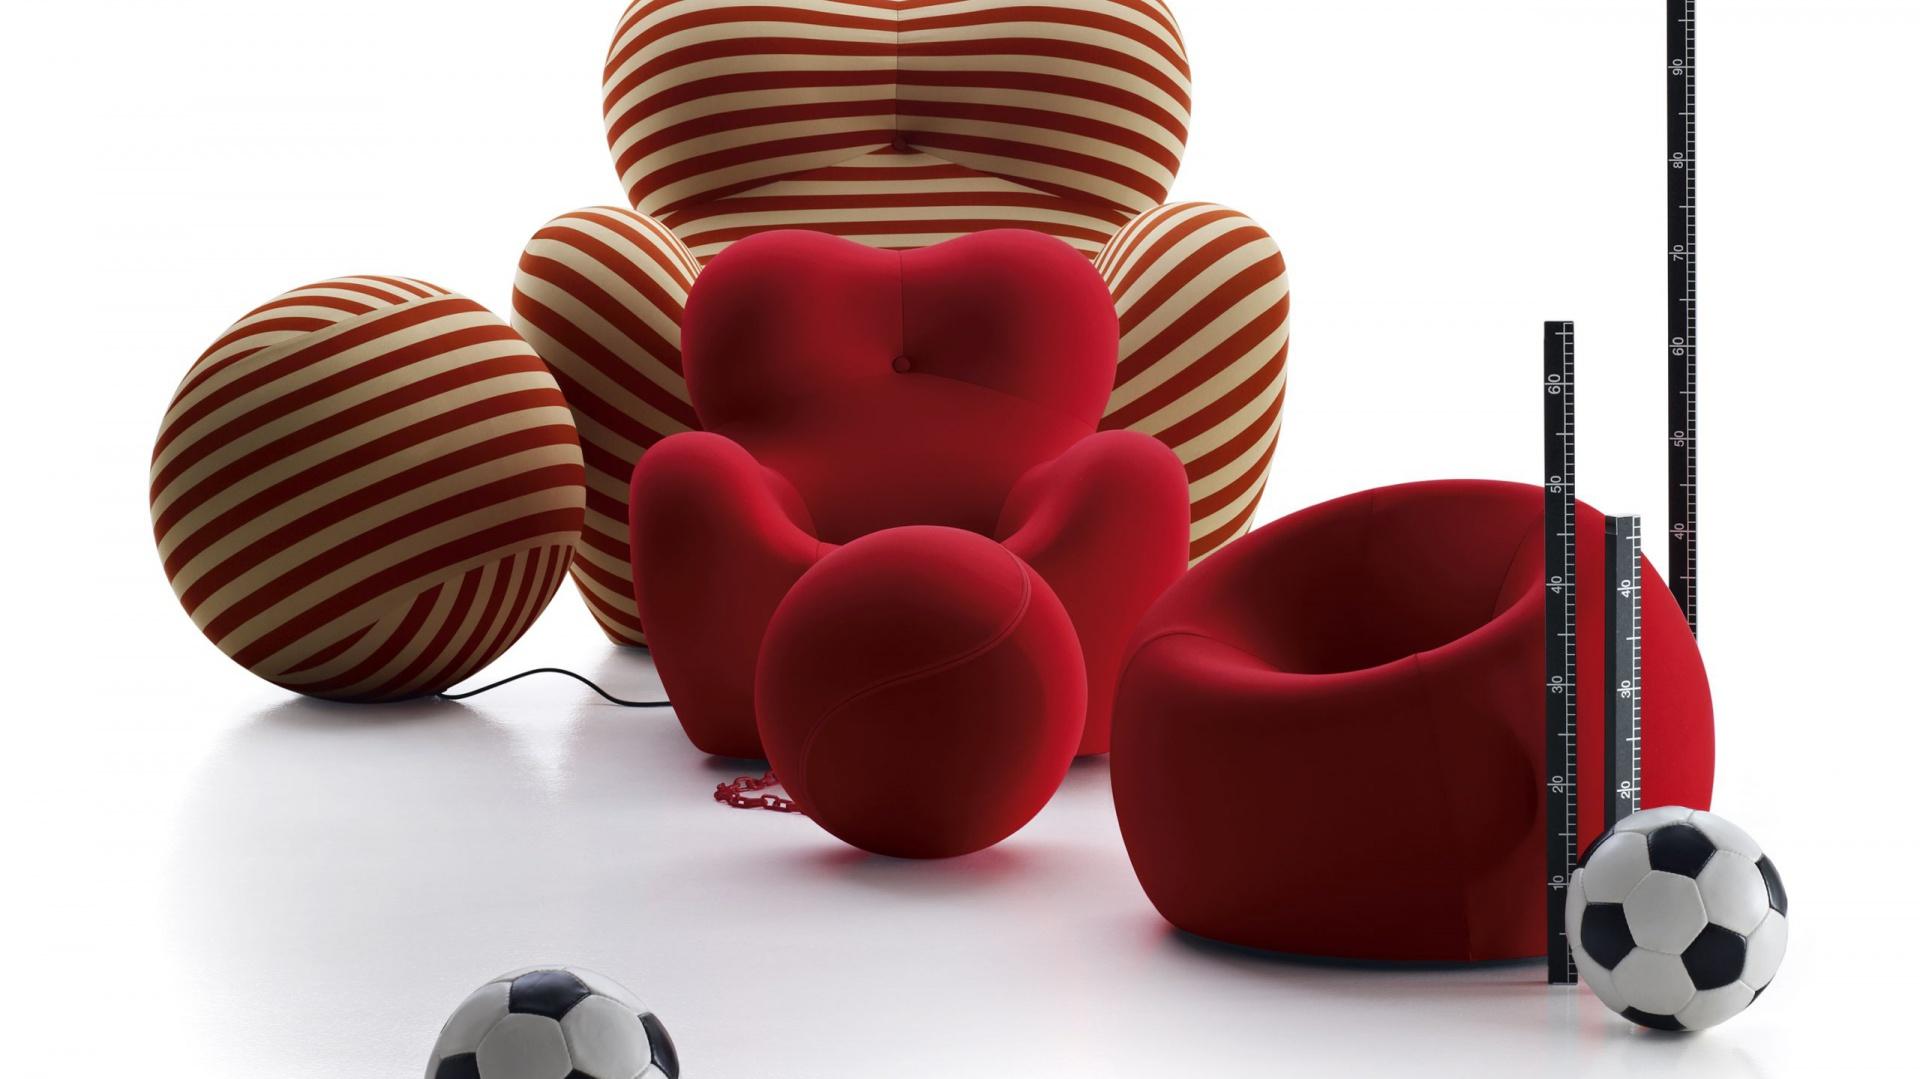 Nowa wersja fotela UP, przeznaczonego dla najmłodszych, ma identyczną, jak oryginał formę. Jednak różni się od standardowego modelu rozmiarem, dostosowanym do gabarytów maluchów. Fot. Innes.